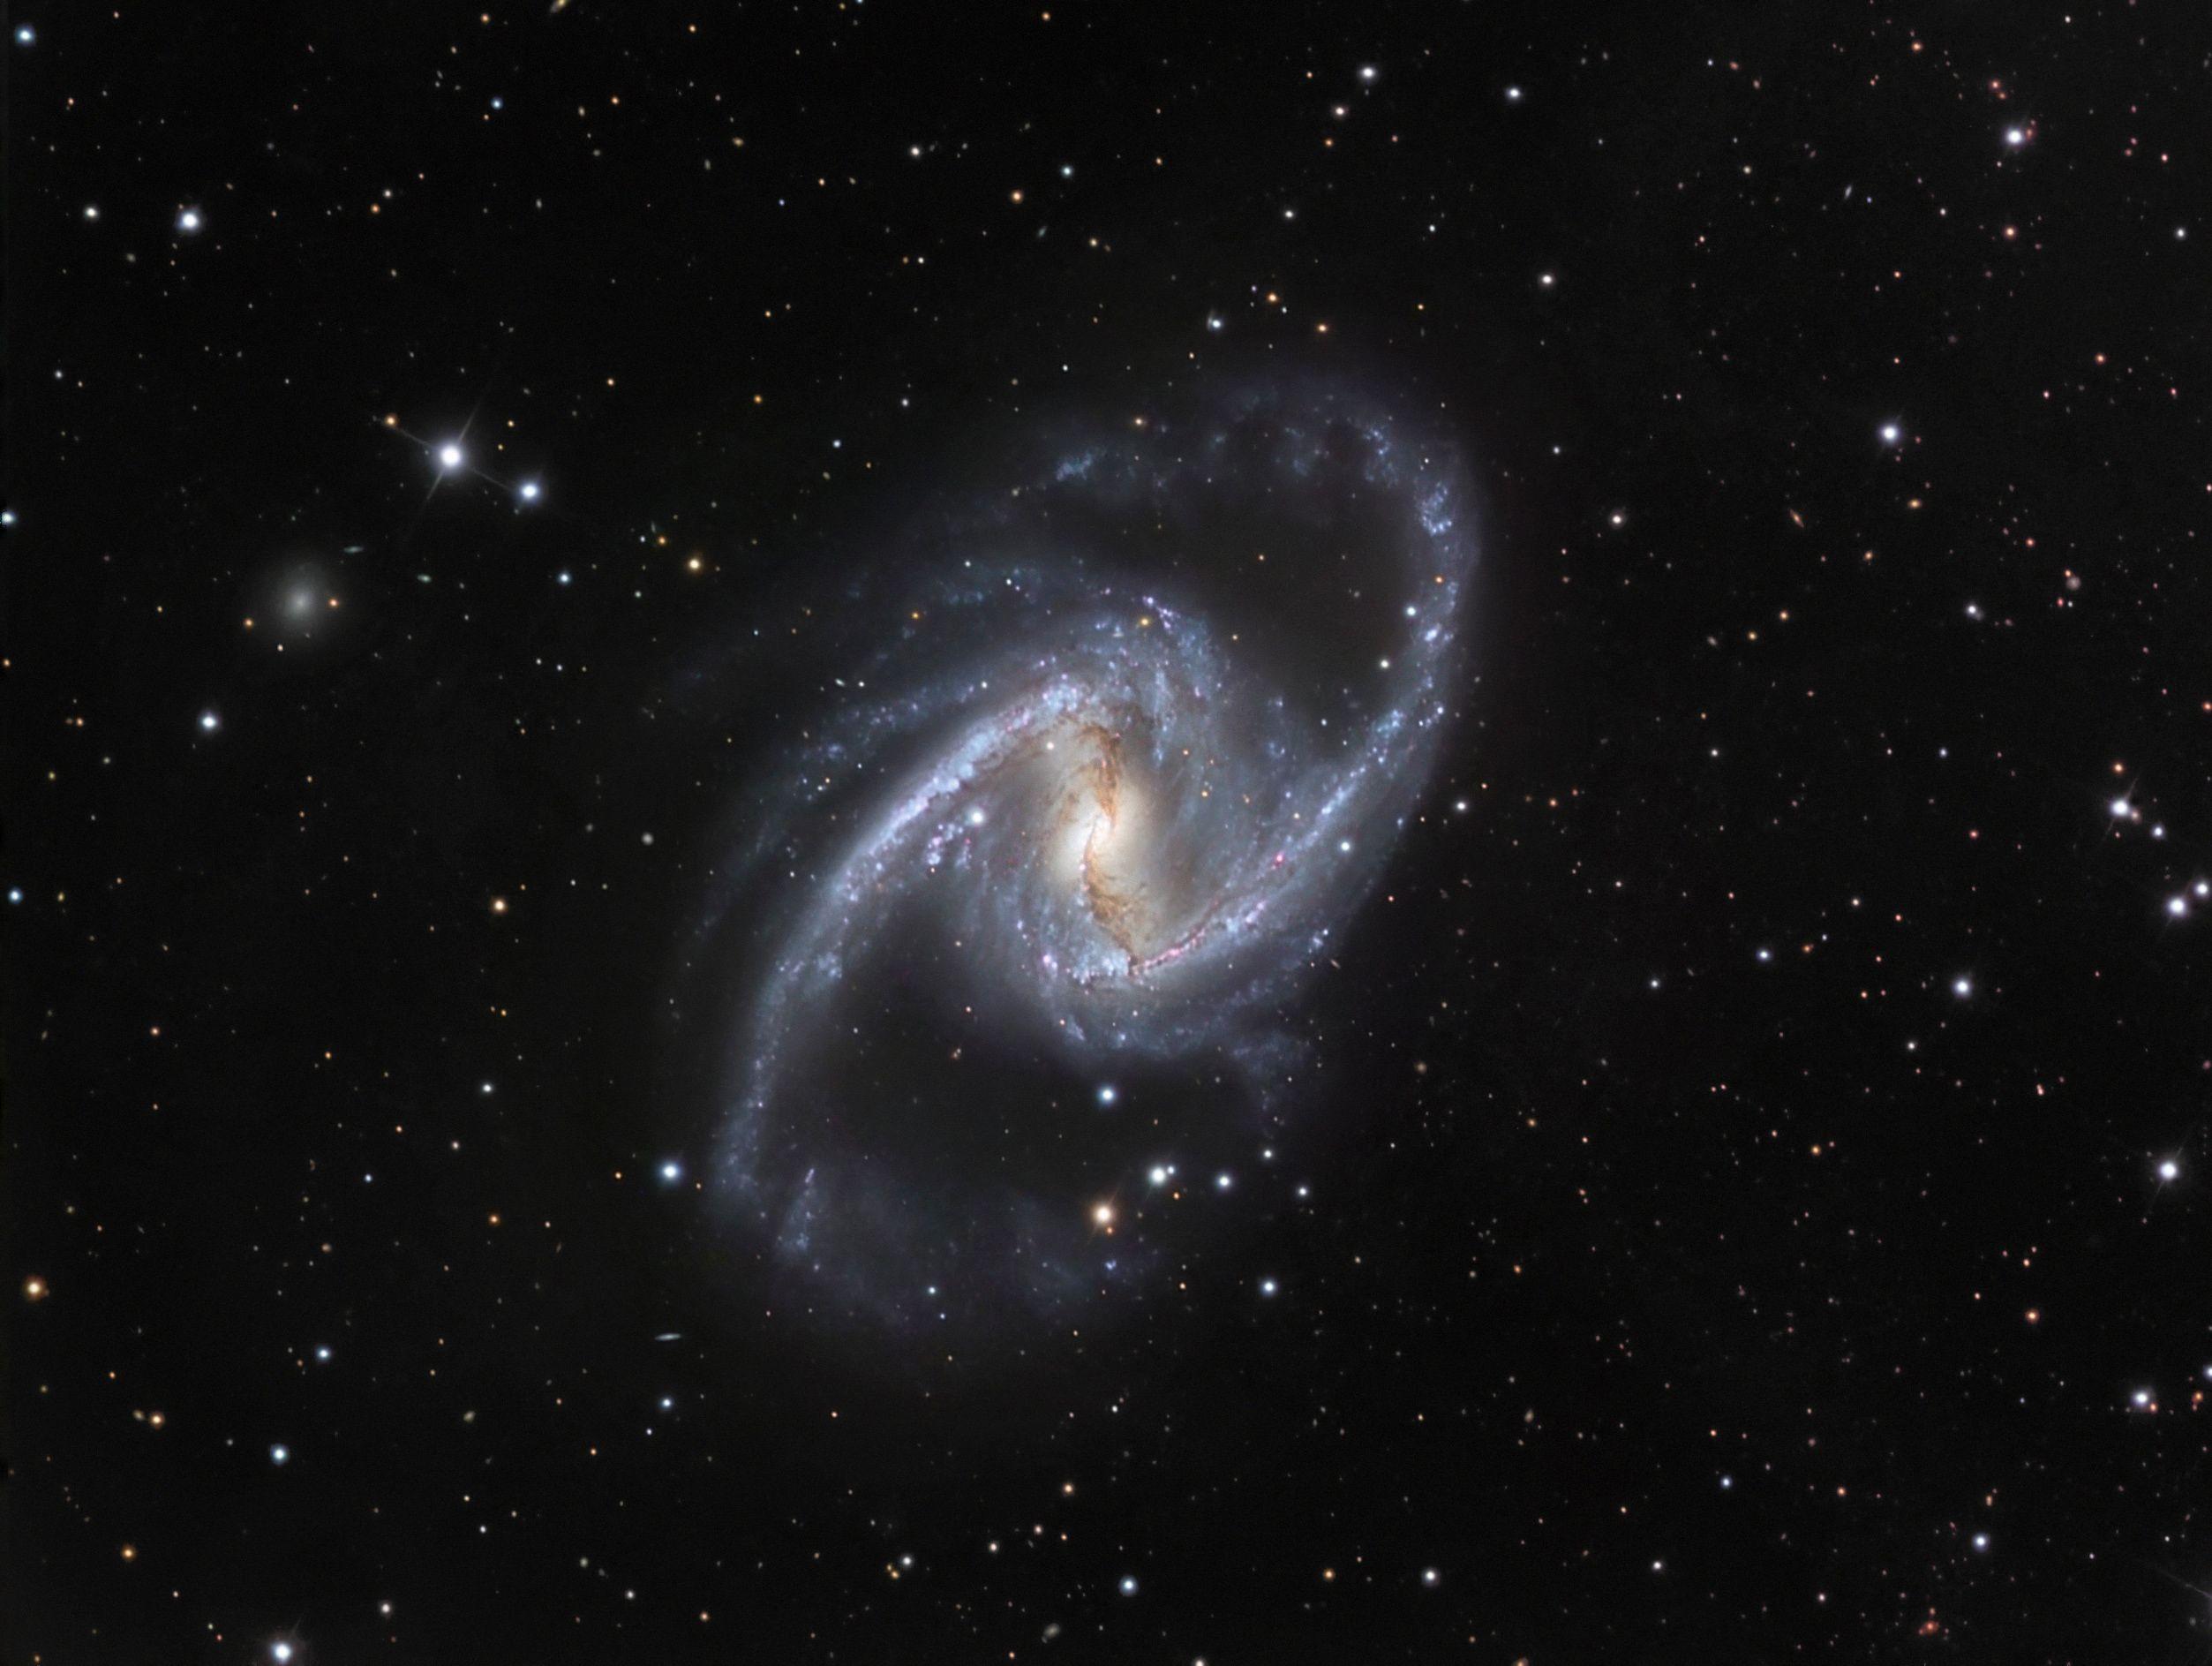 Découverte d'une étoile âgée de 13,7 milliards d'années, la plus vieille observée à ce jour